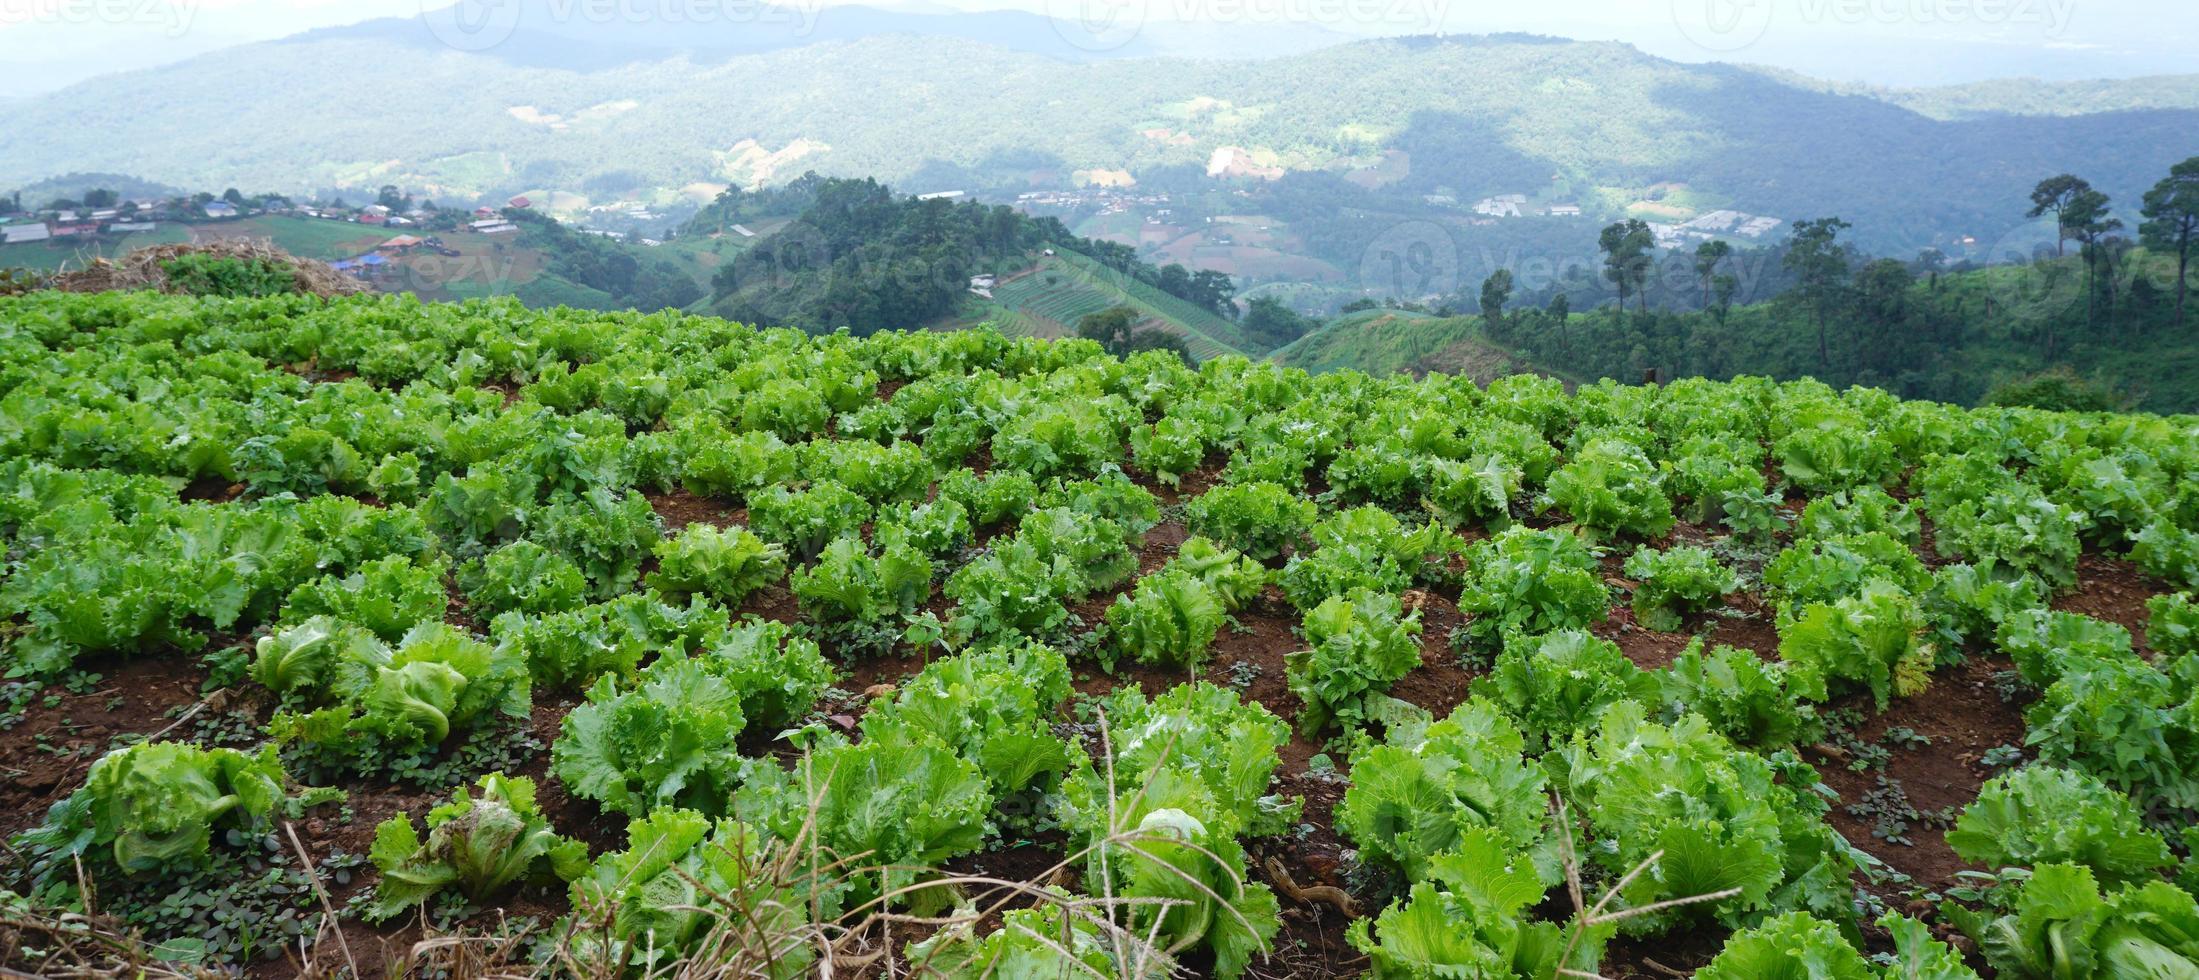 frischer grüner Salat auf dem Boden in der Farm foto